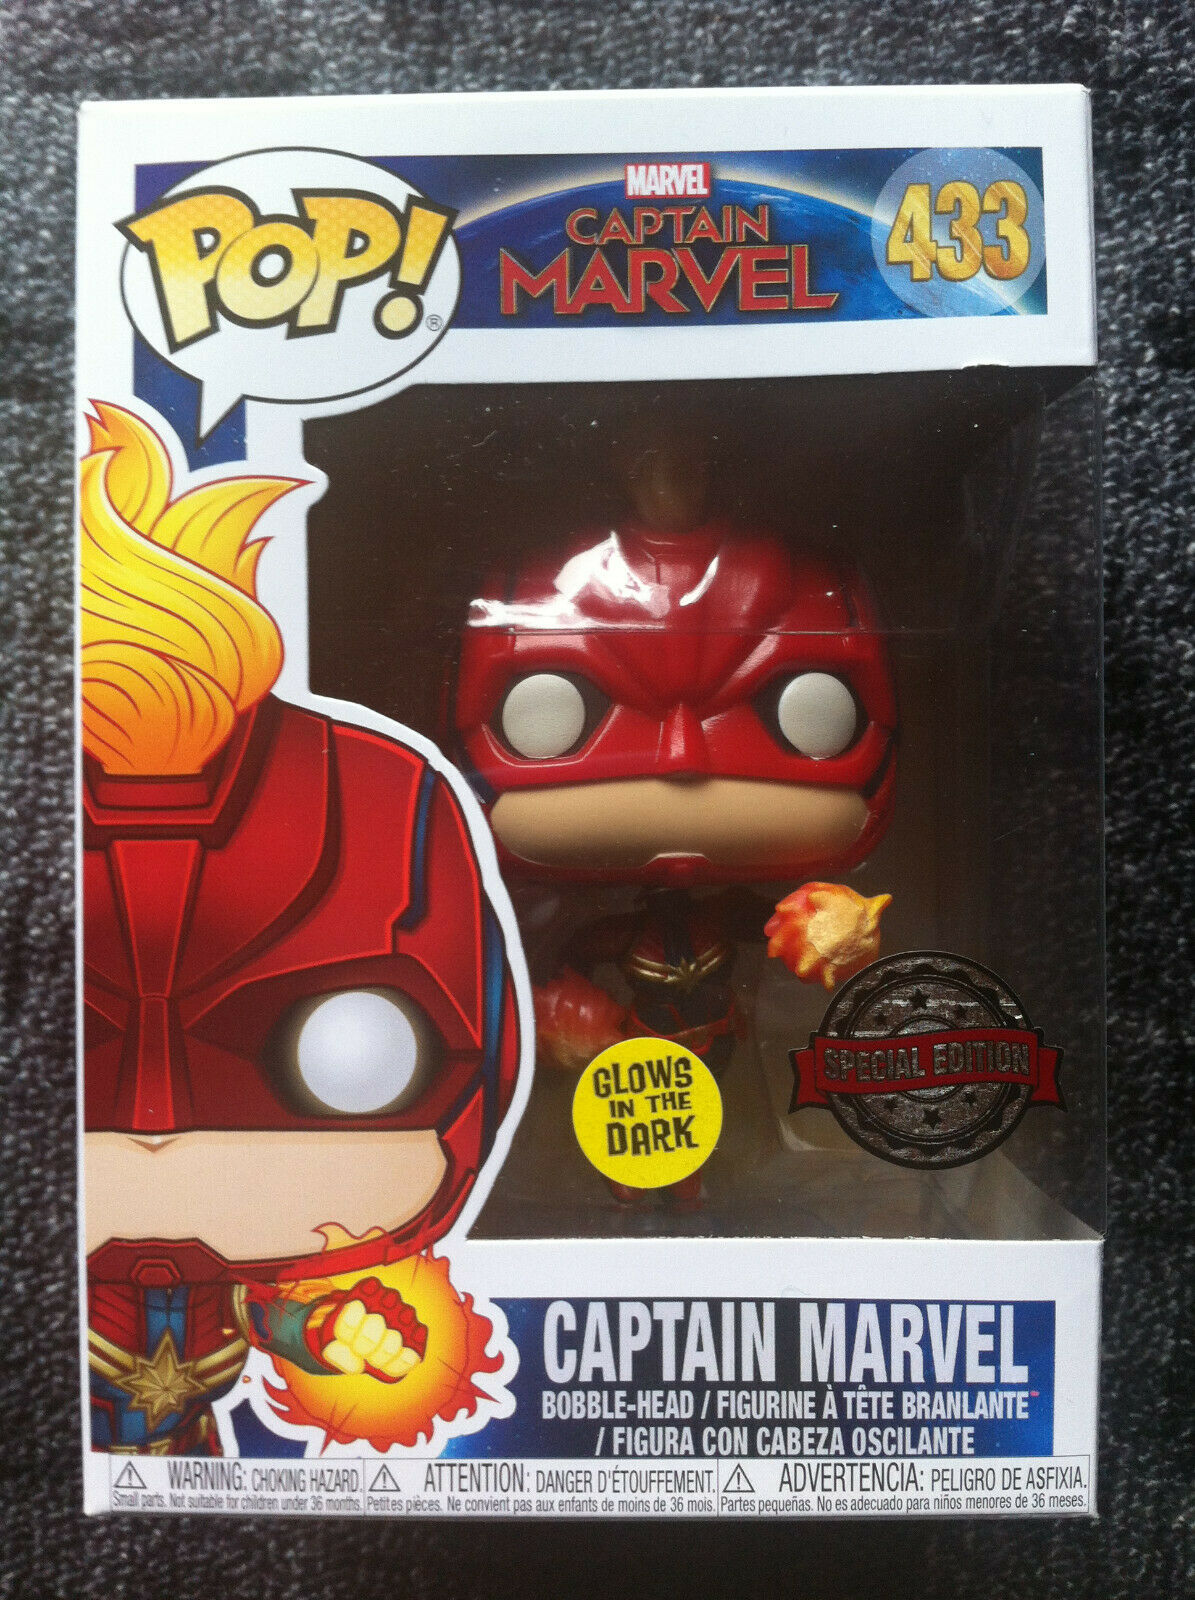 POP   il Capitano MARVEL-No.433 - specialeee edizione-Brilla al buio-Bobble-Head  prezzo basso